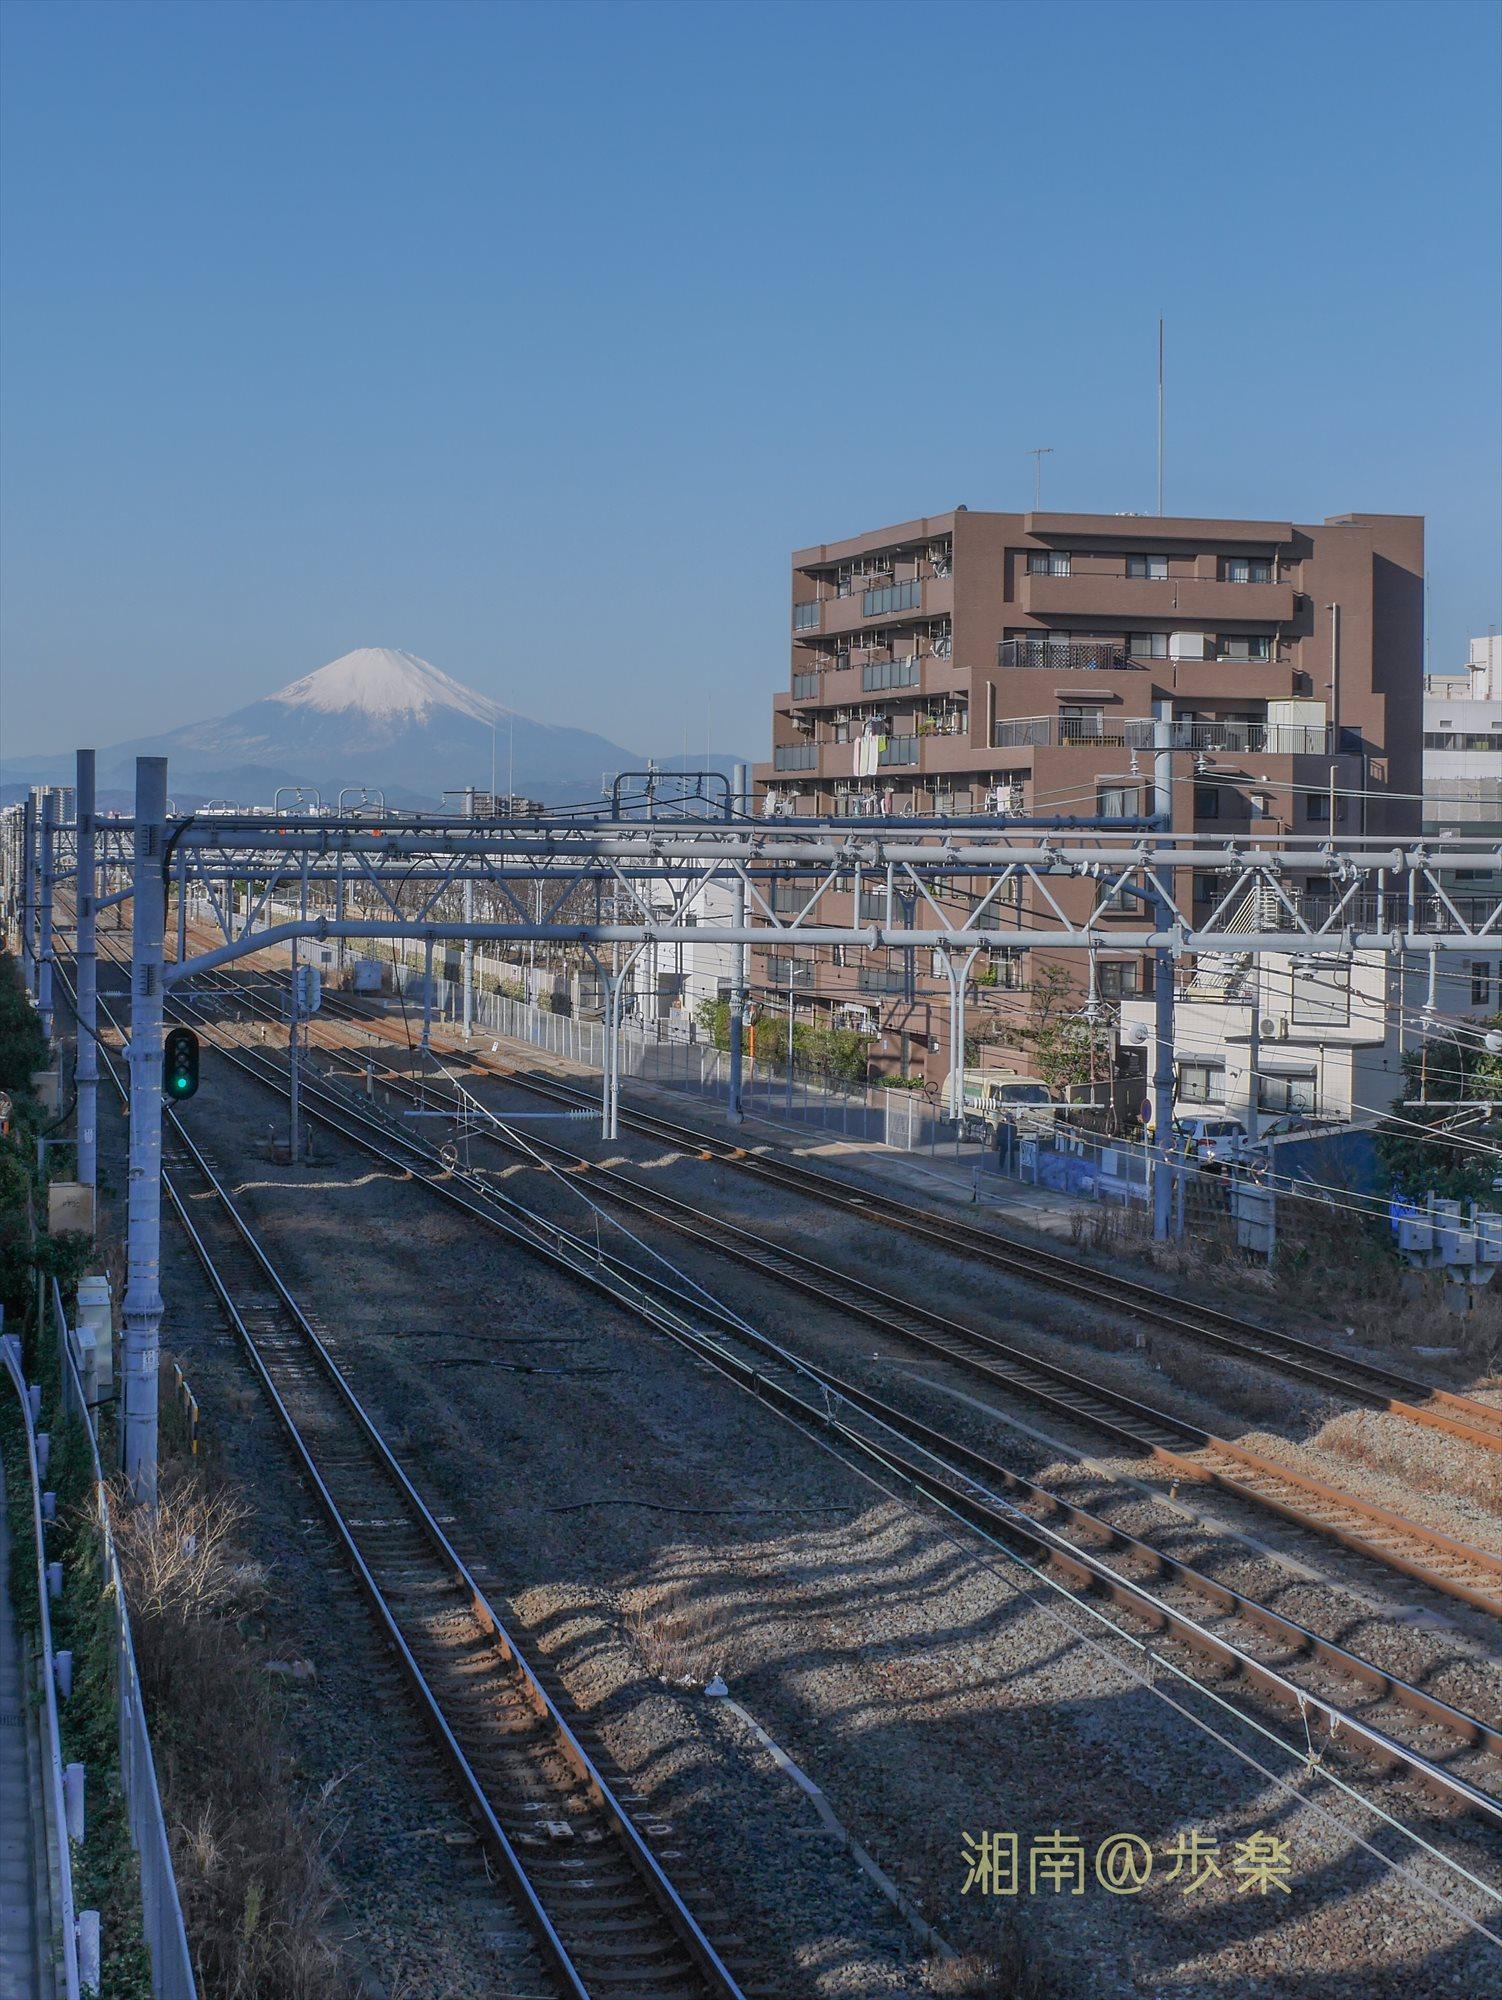 通勤富士2017/01/06 09:31